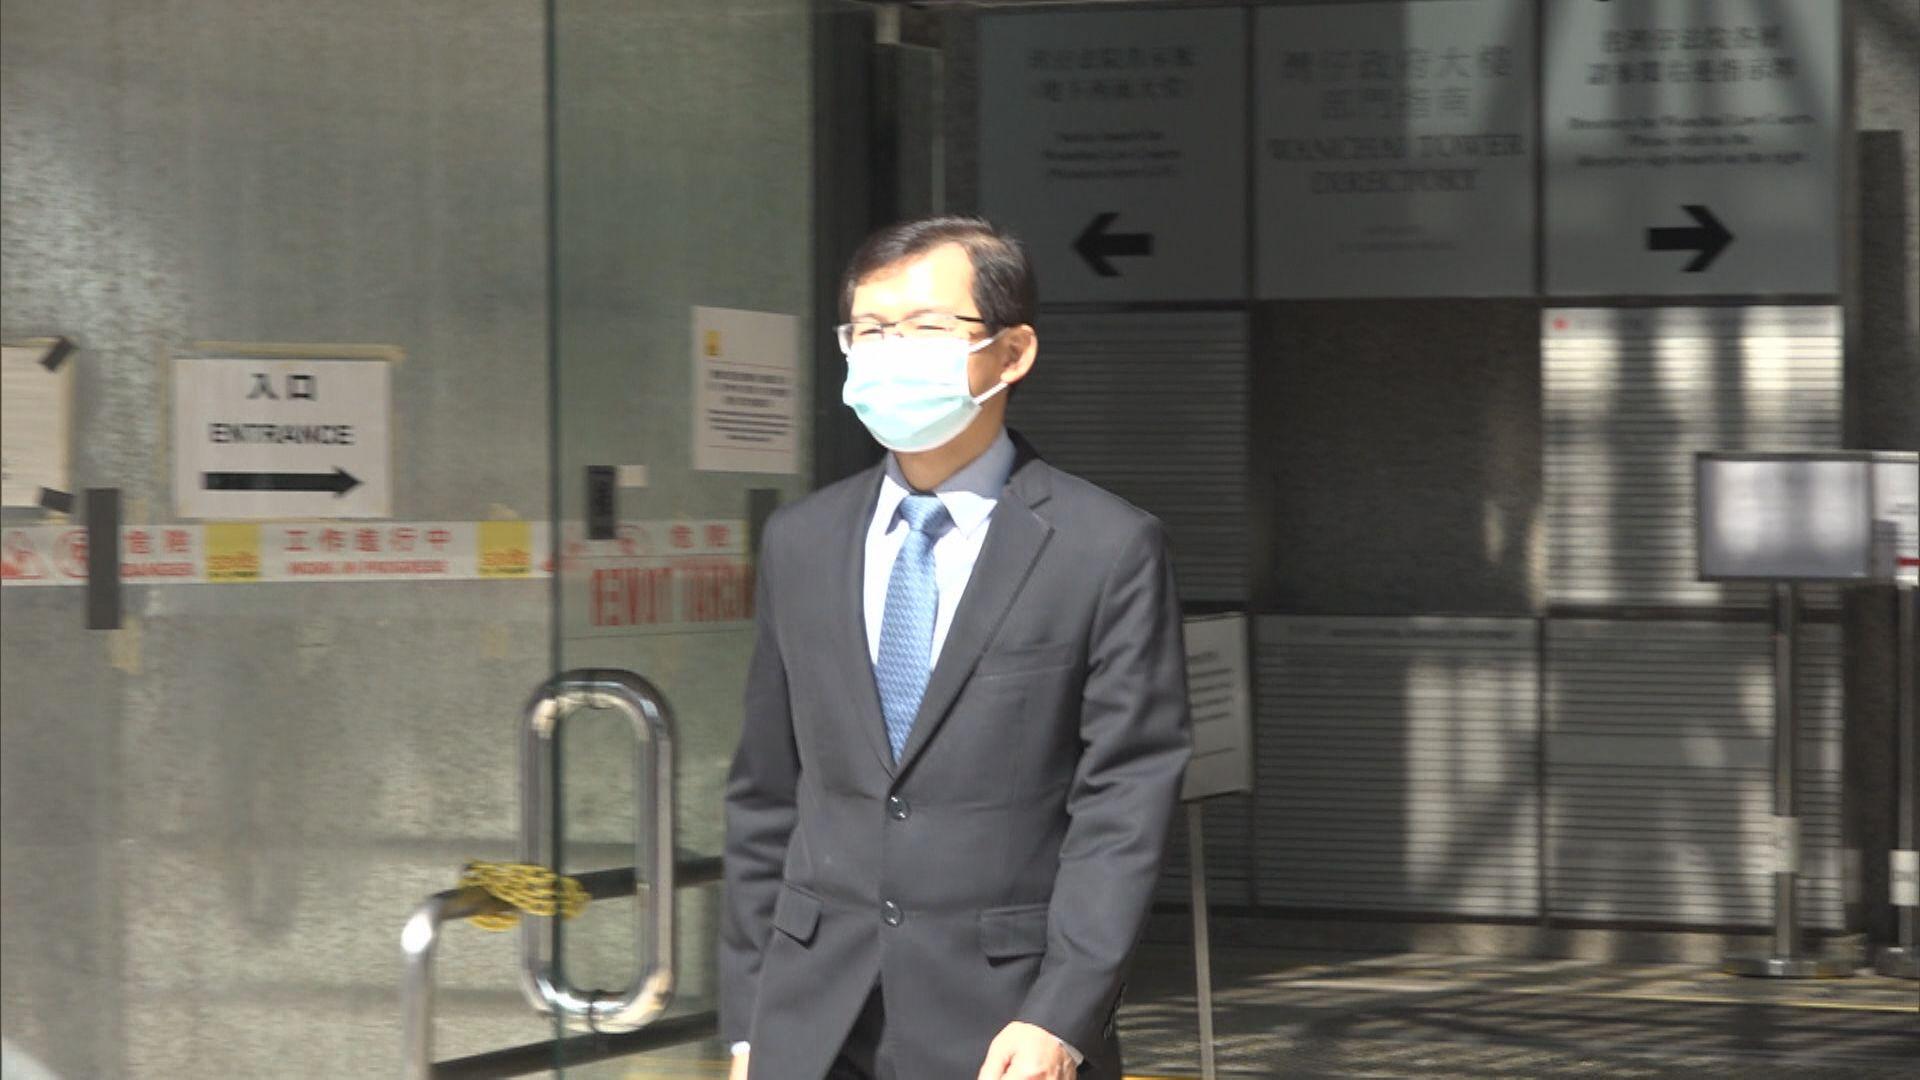 曹貴子涉嫌串謀詐騙 兩項罪名不成立